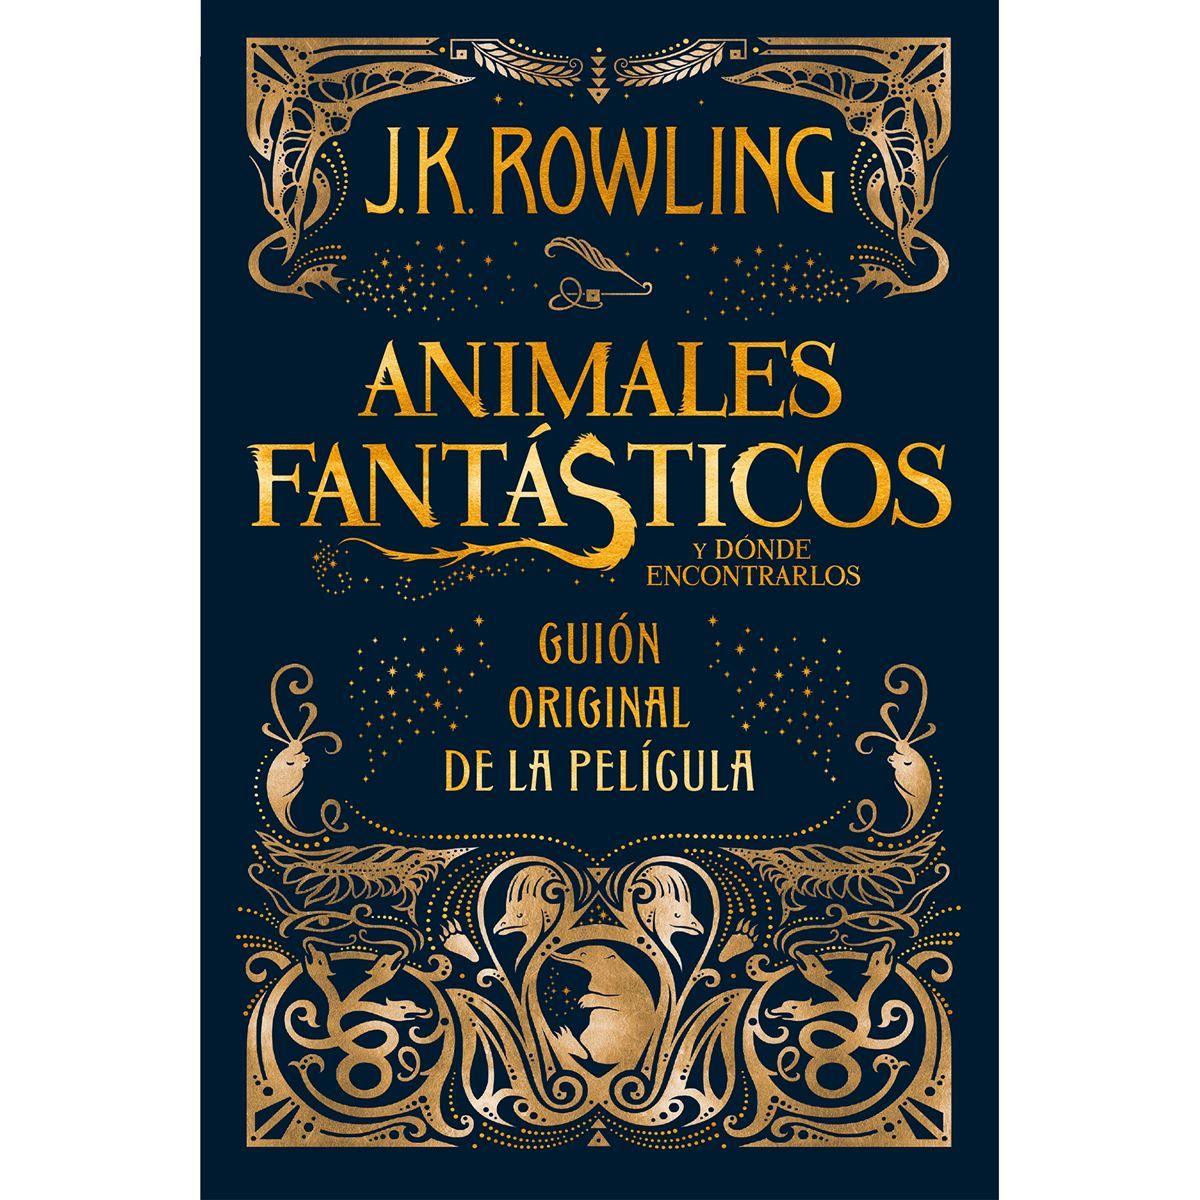 LIBRO ANIMALES FANTASTICOS J.K.ROWLING